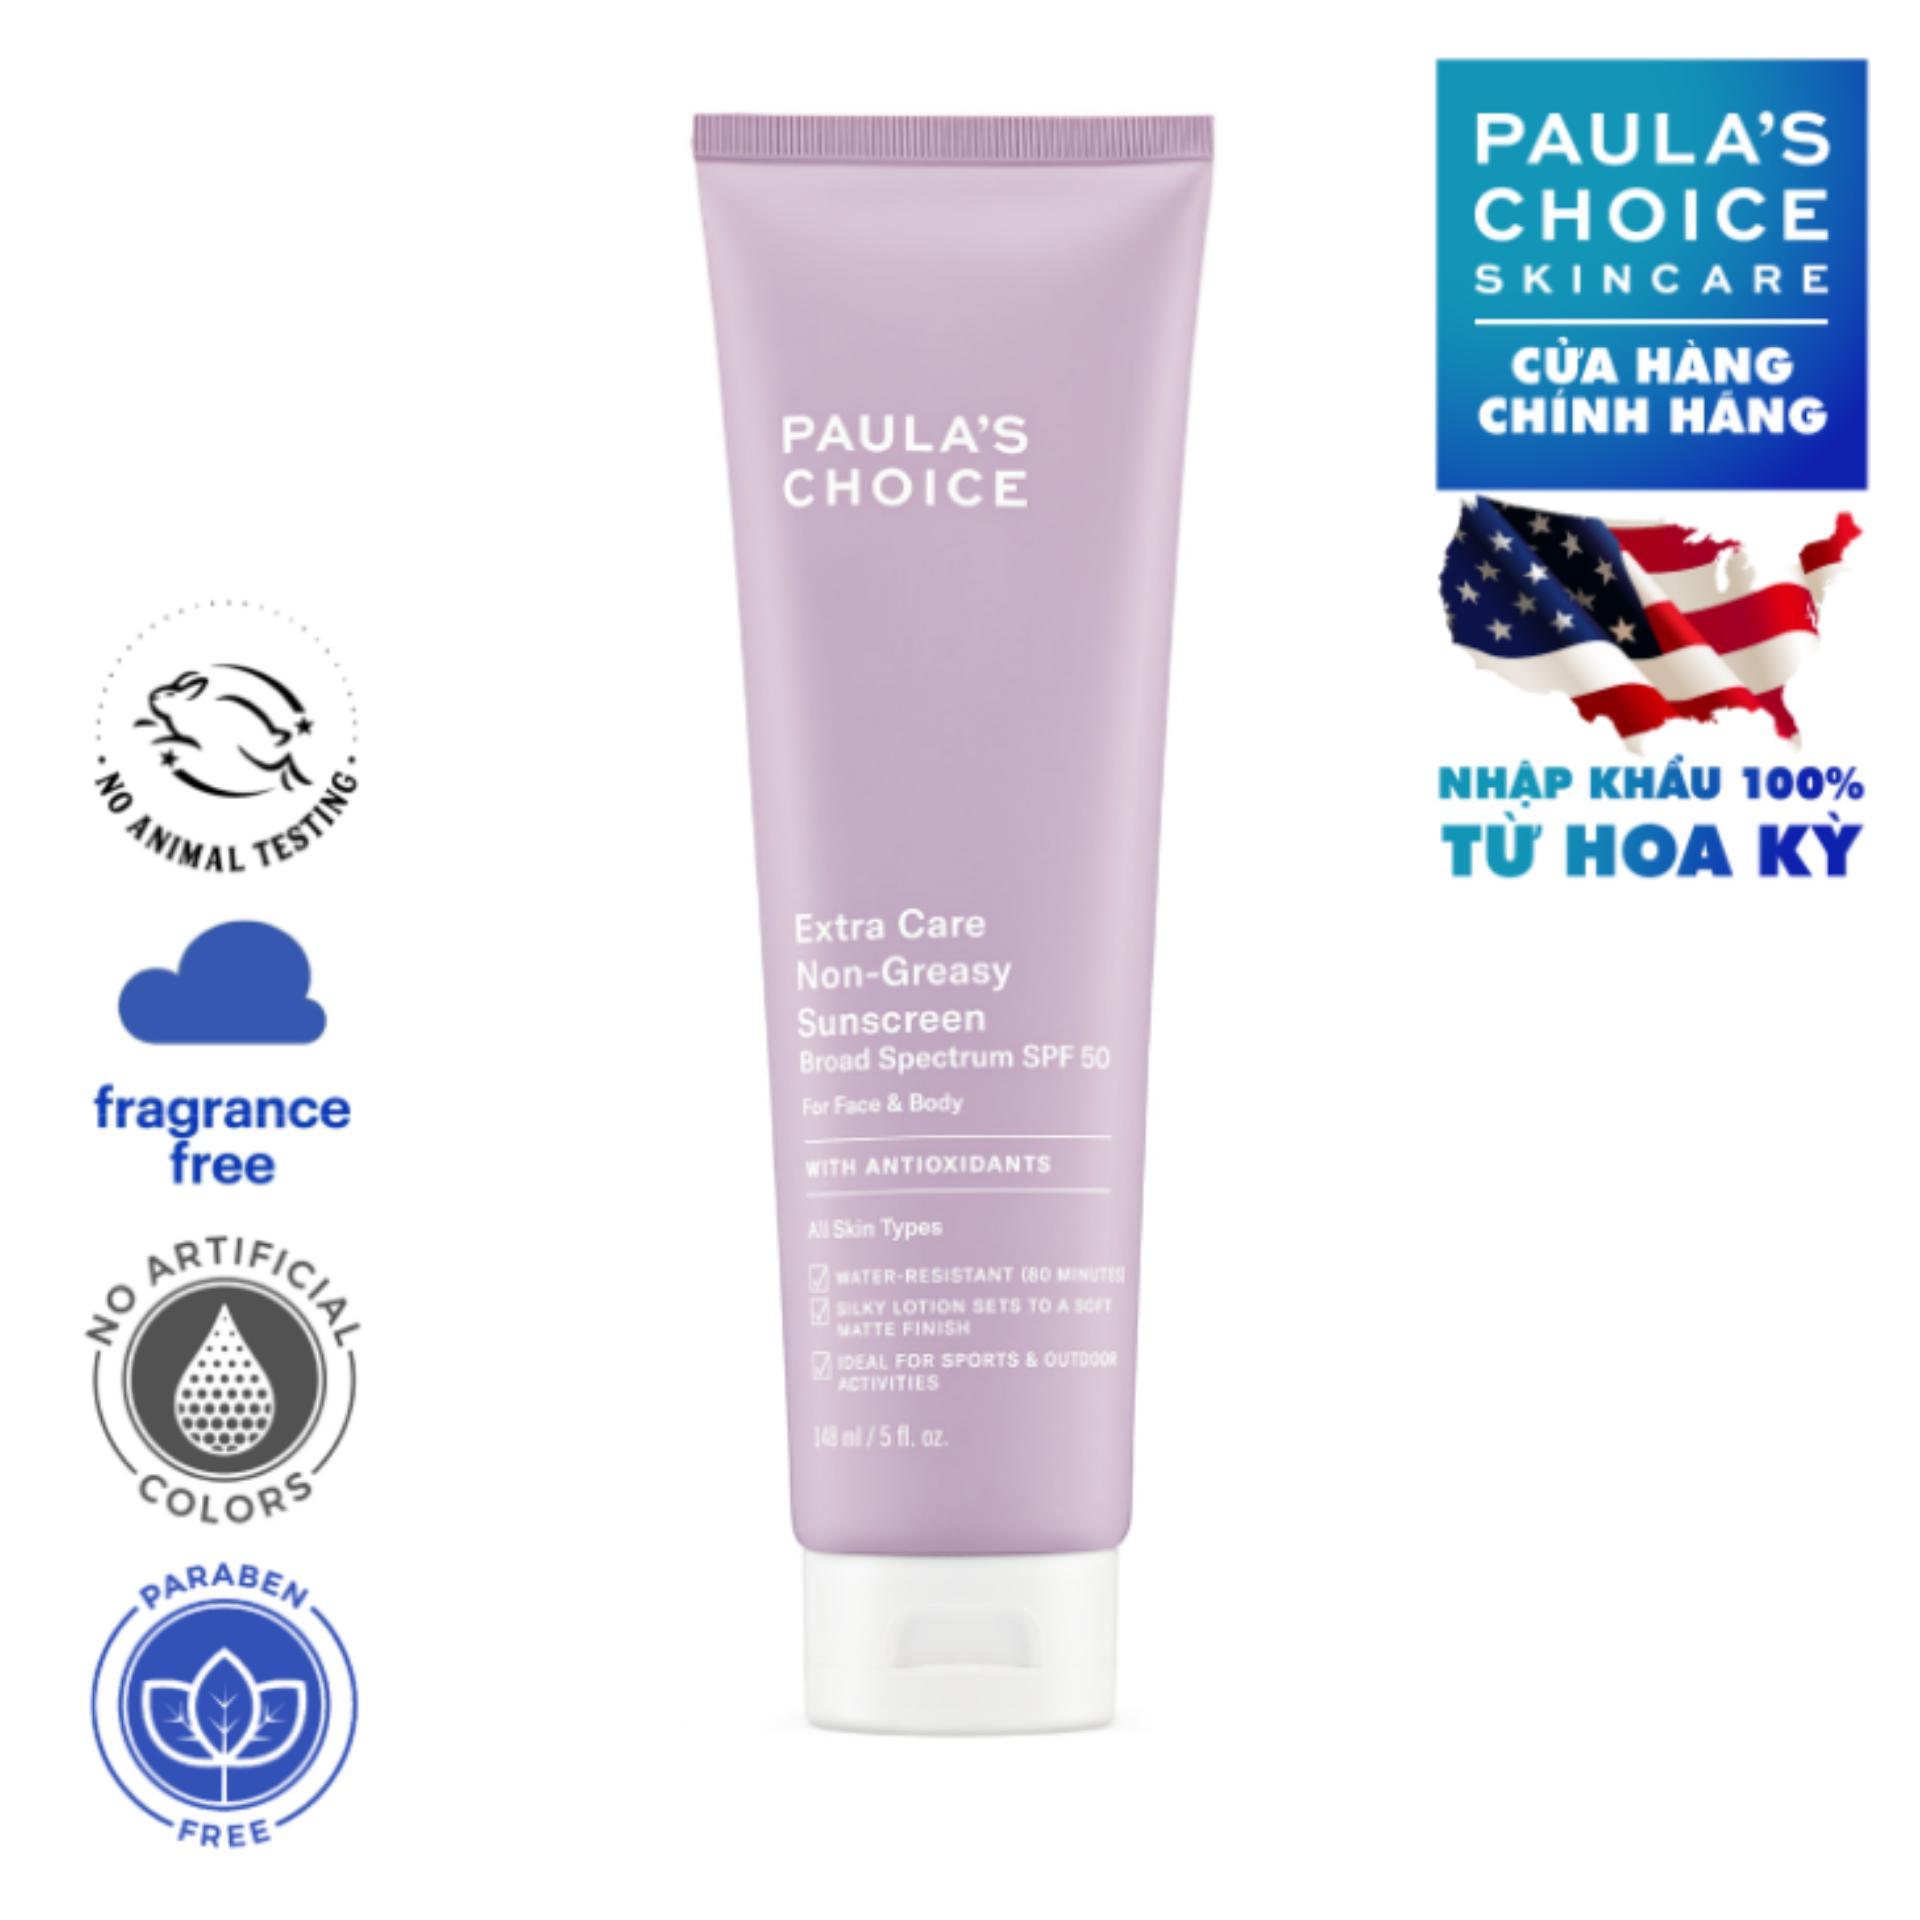 Kem chống nắng siêu chịu nước Paula's Choice Extra Care Non Greasy Sunscreen SPF 50 148ml 2320